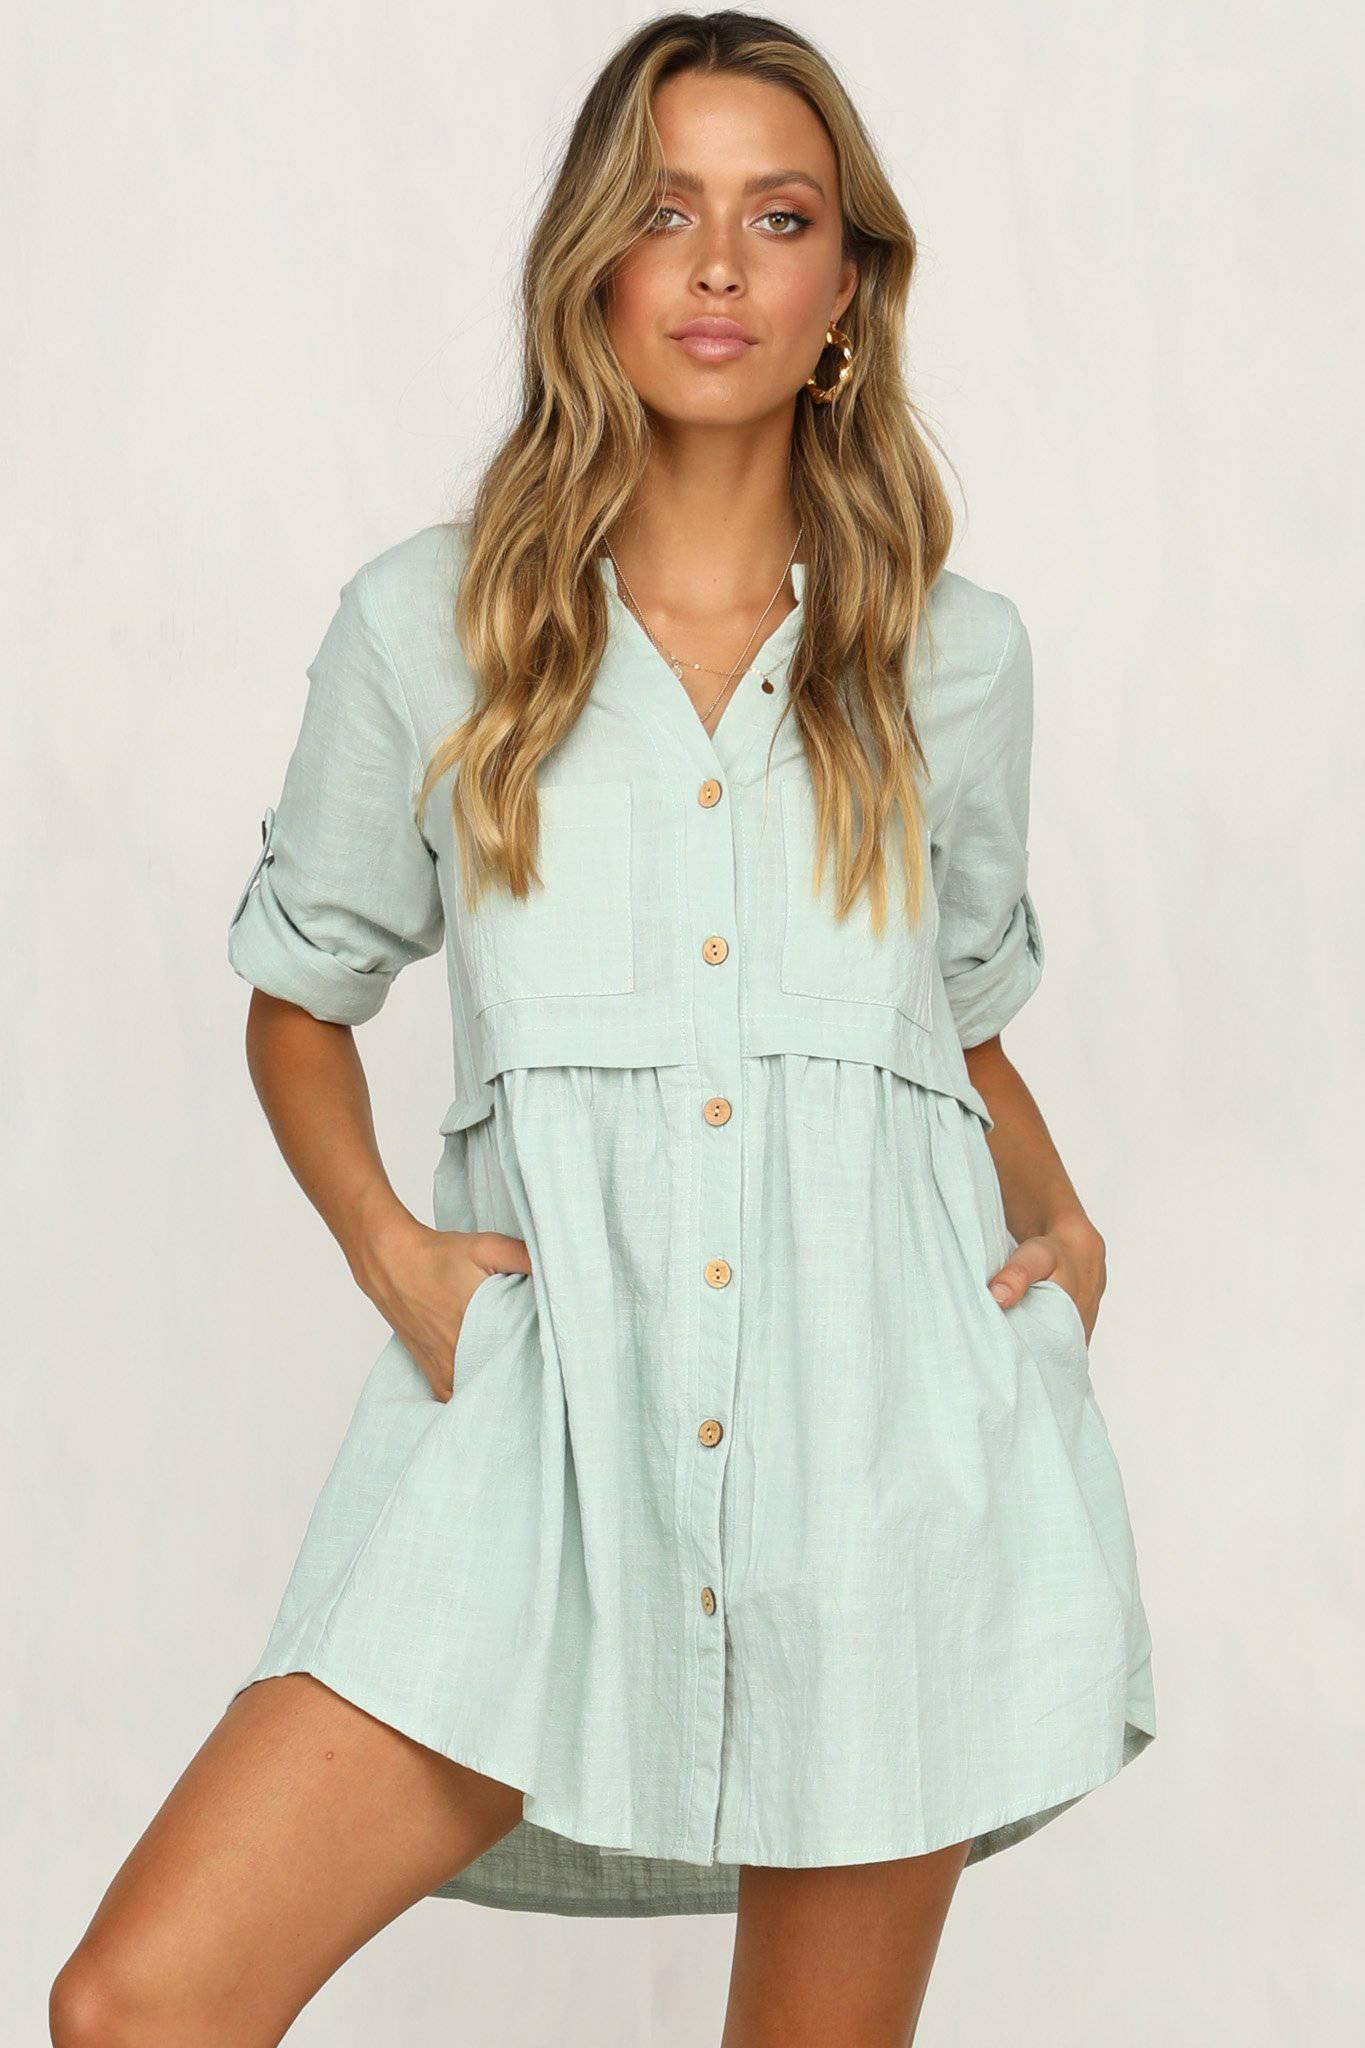 733ab099c89 Details about Women Long Sleeve Plain Tunic T Shirt Dress Ladies V Neck  Button Down Blouse Top